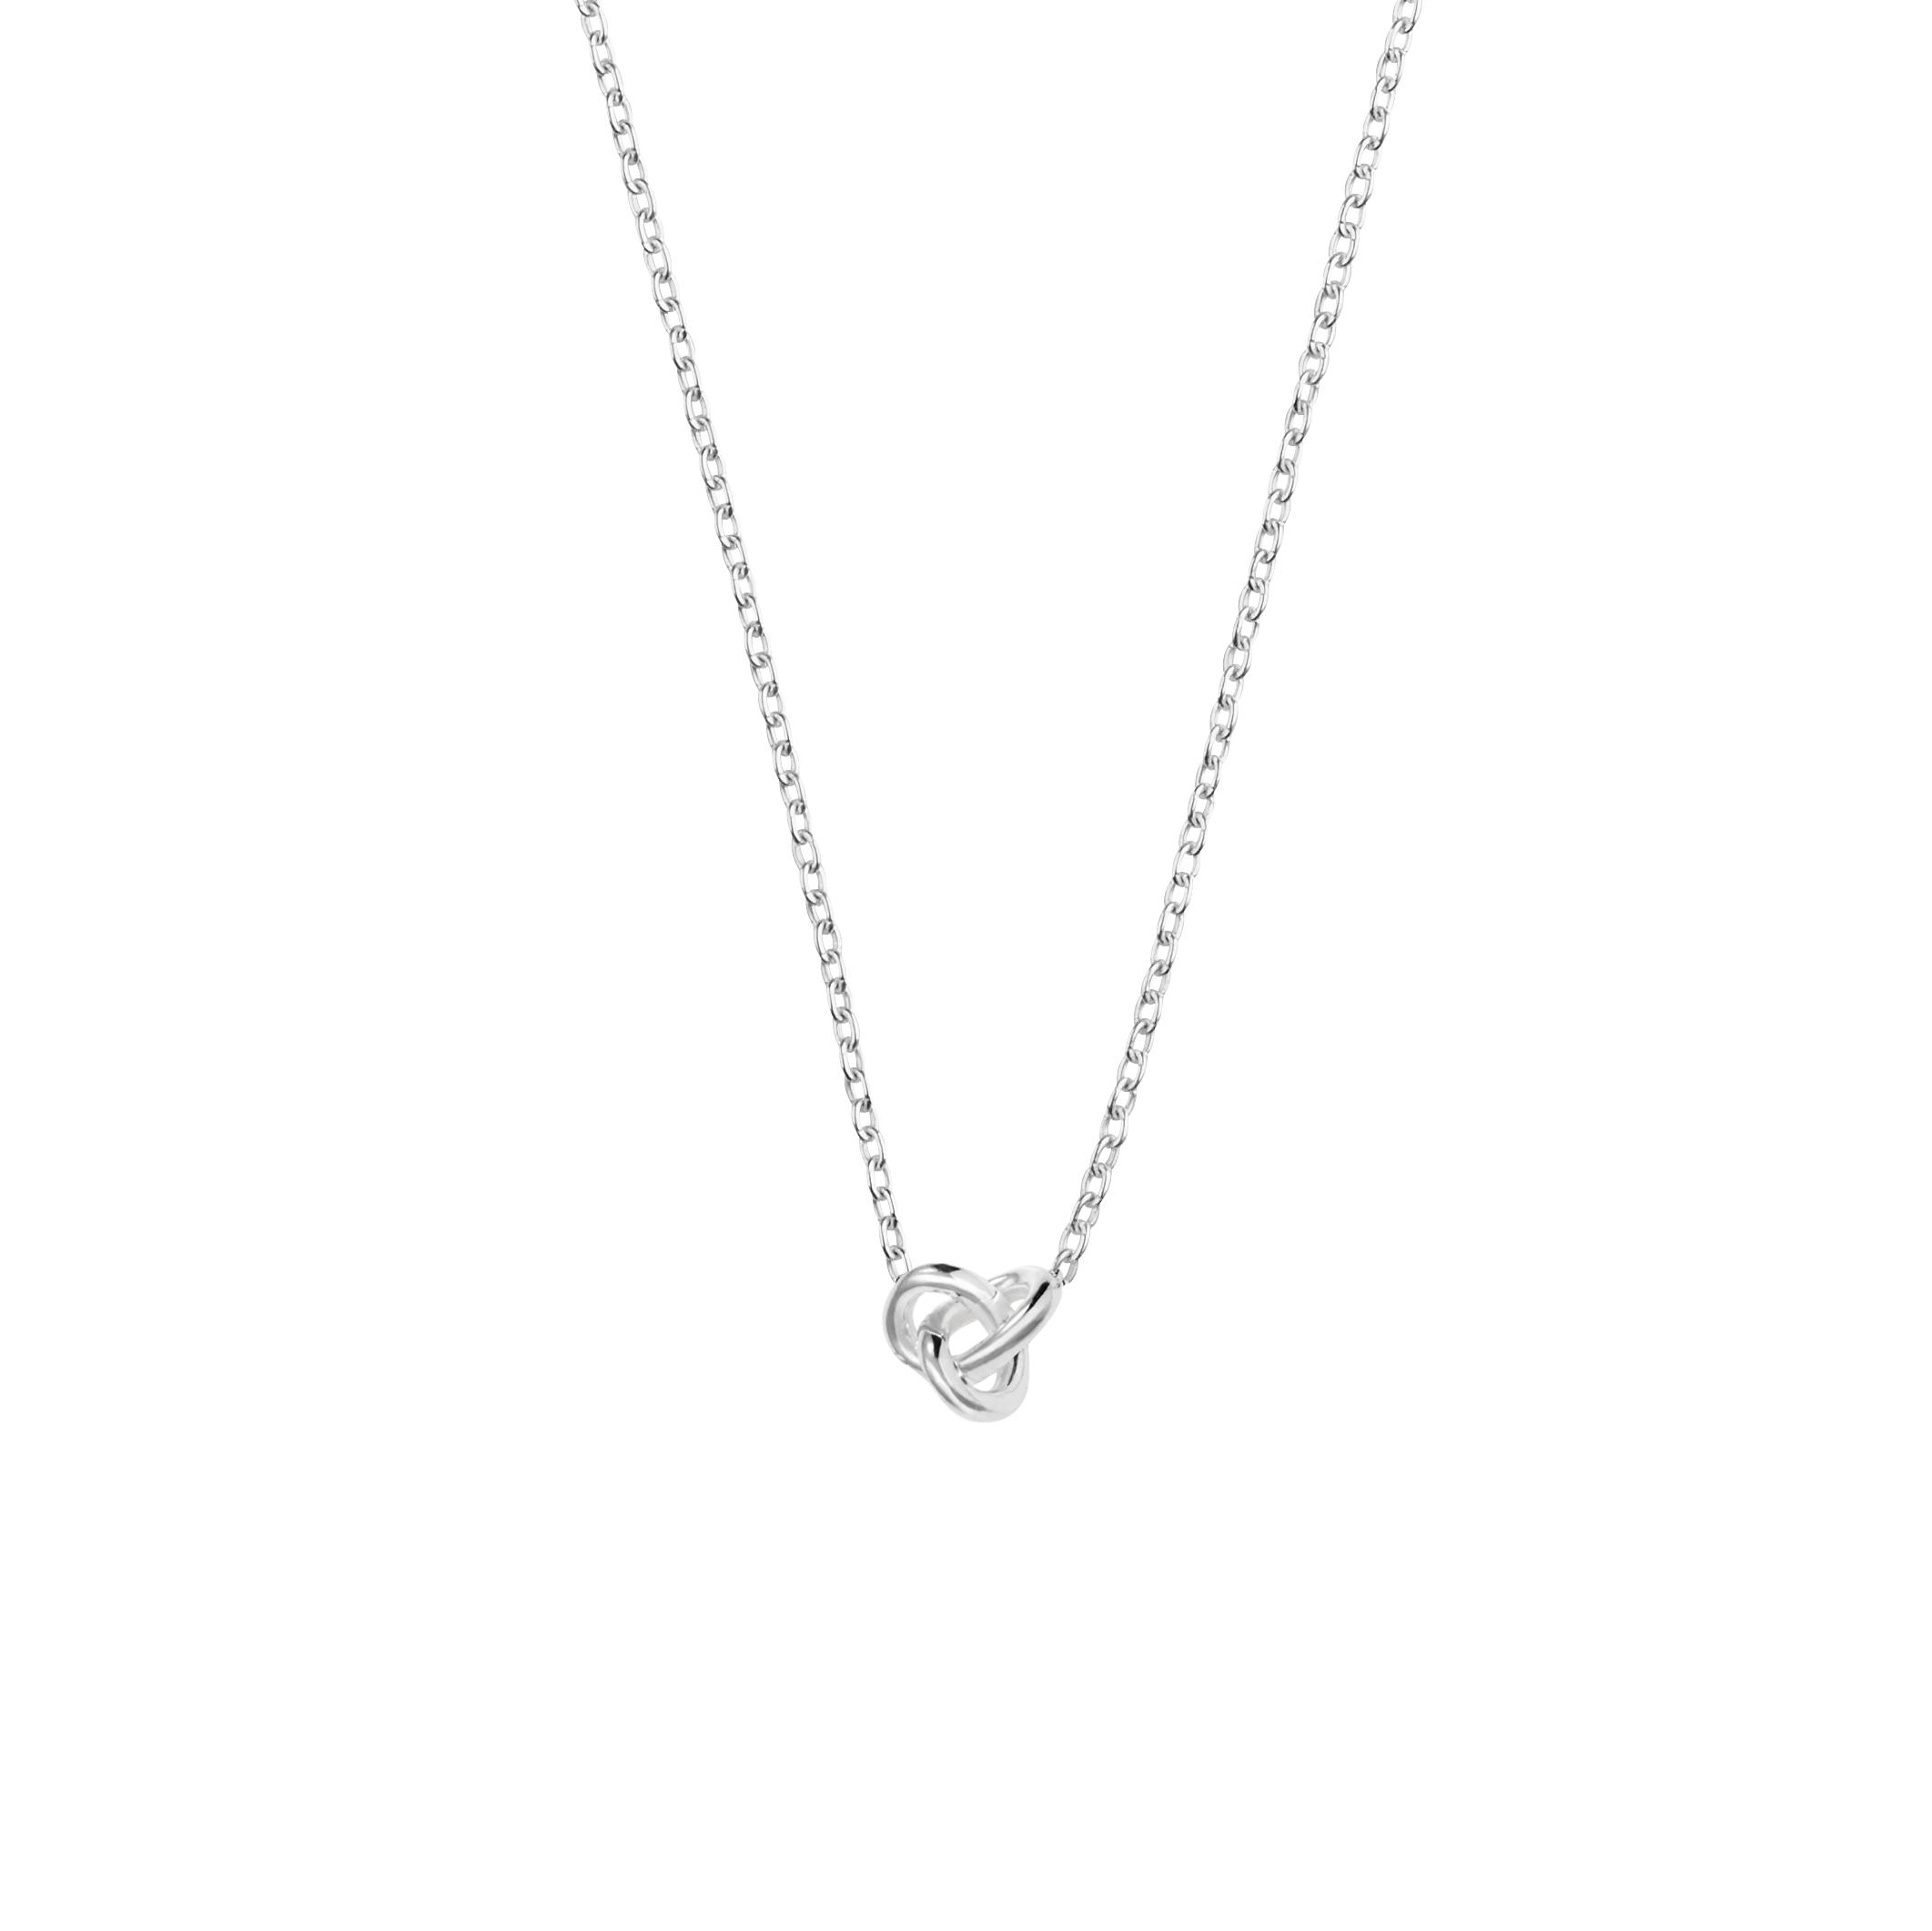 Le Knot drop necklace